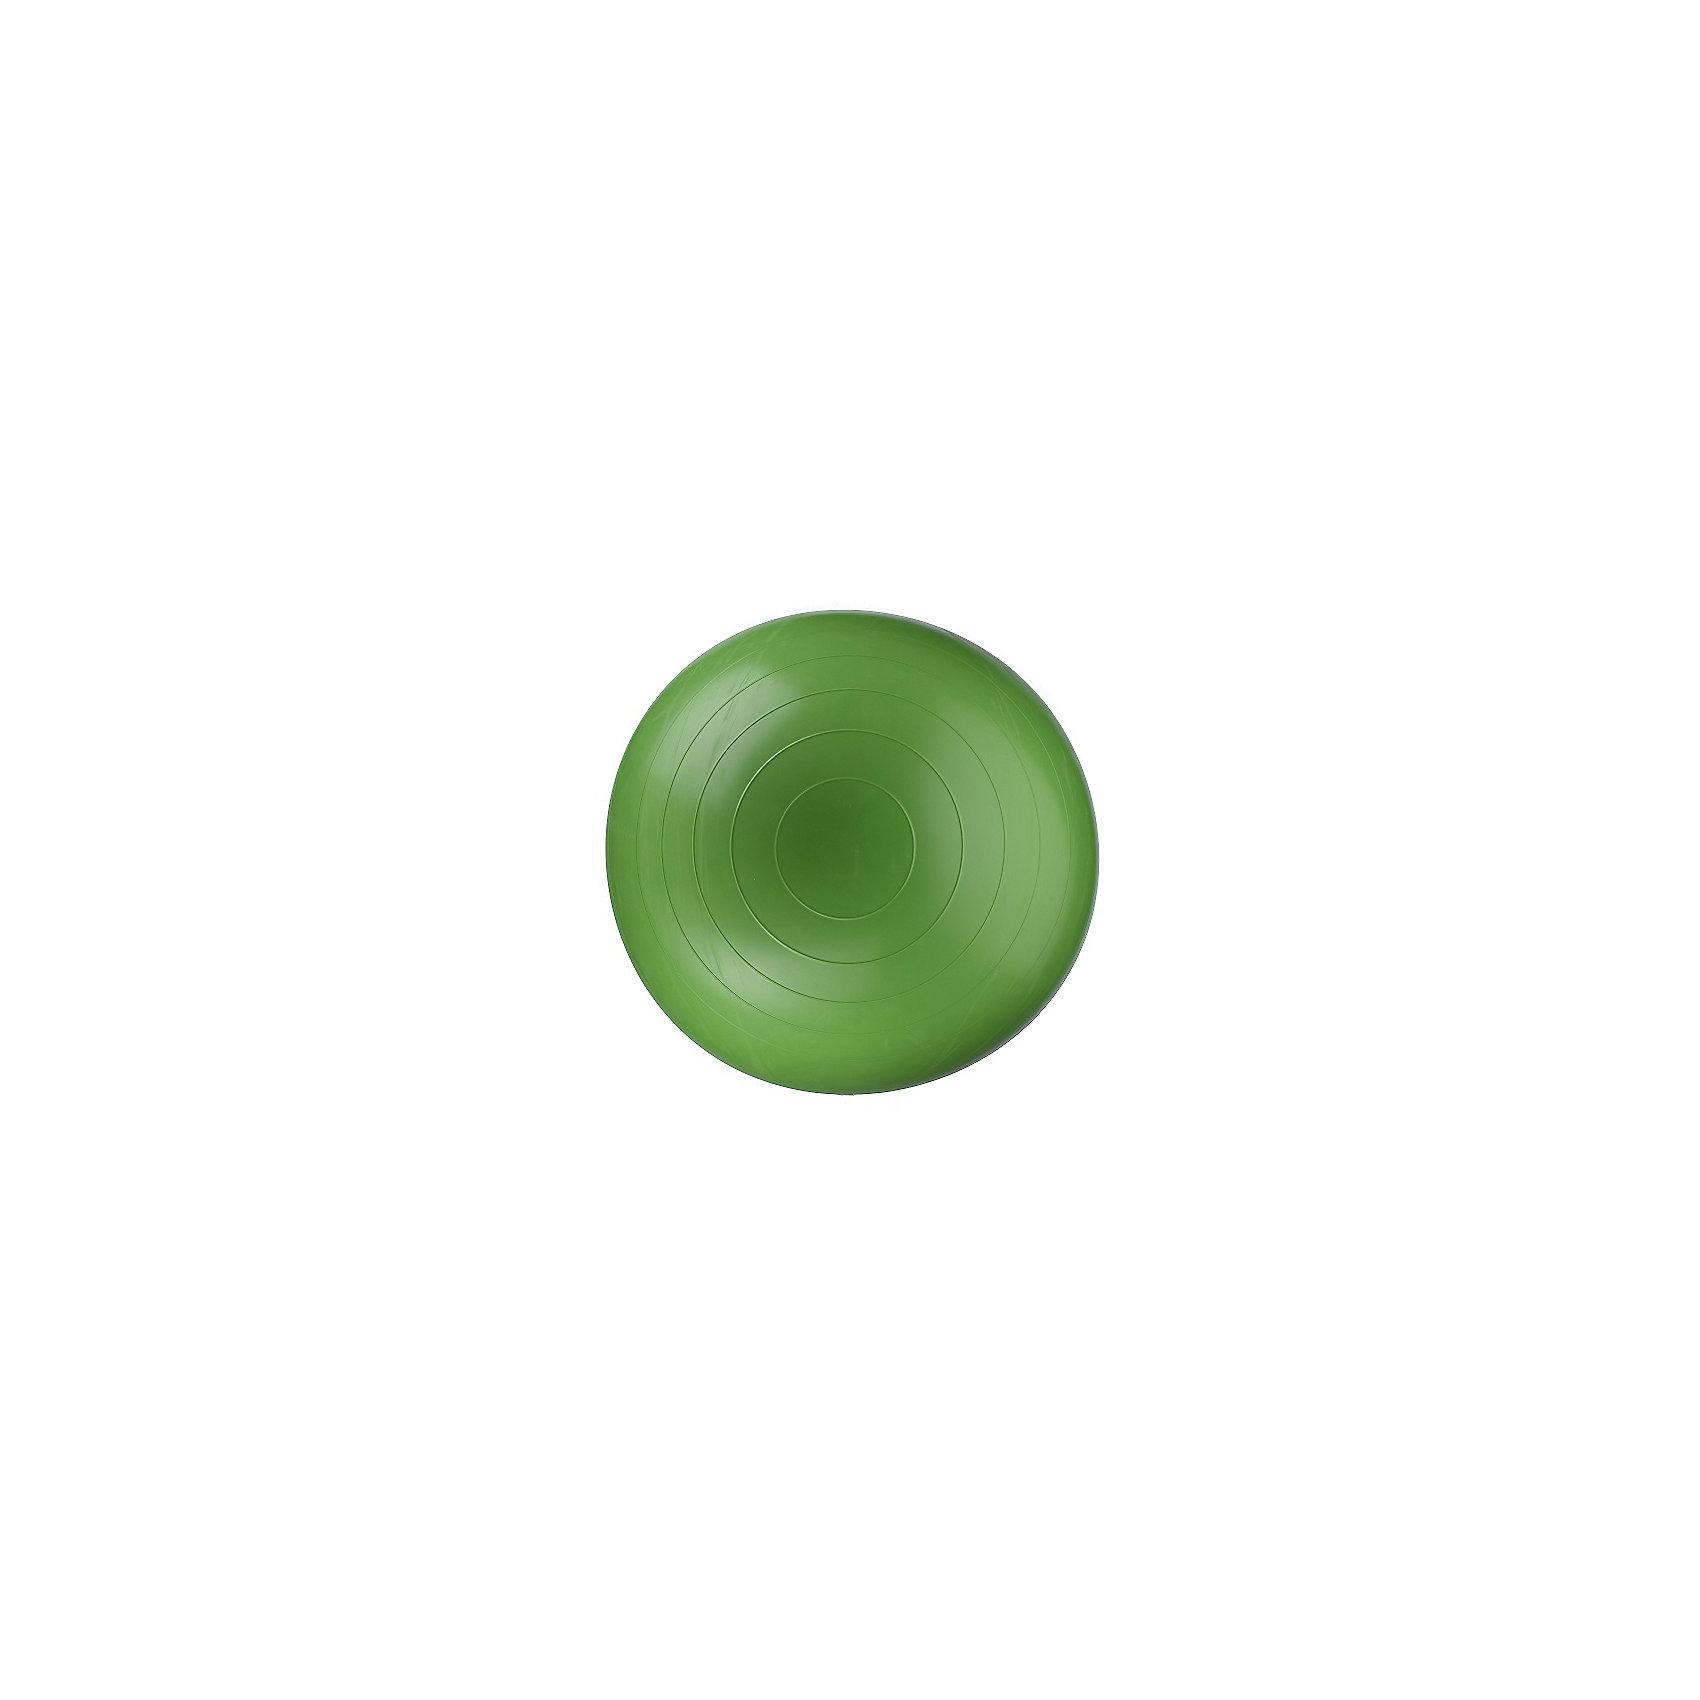 Мяч гимнастический (Фитбол), ?55см зеленый, DOKAДиаметр гимнастического мяча-55 см.<br>Выдерживает нагрузку до 200 кг.,<br>снабжен системой антивзрыв,произведен из нетоксичного и гипоаллергенного ПВХ (Германия) на Итальянском оборудовании, безвредного для детей любого возраста.Во время гимнастики на фитболе сгорает больше килокалорий, чем при простой силовой тренировке, так как равномерно прорабатываются те группы мышц, которые обычно недоступны, особенно мышцы брюшного пресса и спины. Мяч очень легкий и компактный, надувается насосом в считанные минуты.<br>Идеально подходит для занятий с детьми с 4-месячного возраста с целью формирования правильных рефлексов и развития координации движения. <br>Фитбол предназначен для занятий спортивной и лечебной гимнастикой,развития и укрепления мышц спины, рук, живота и ног,формирования правильной осанки,игр и отдыха.<br><br>Ширина мм: 122<br>Глубина мм: 153<br>Высота мм: 254<br>Вес г: 1020<br>Возраст от месяцев: 4<br>Возраст до месяцев: 192<br>Пол: Унисекс<br>Возраст: Детский<br>SKU: 5510730